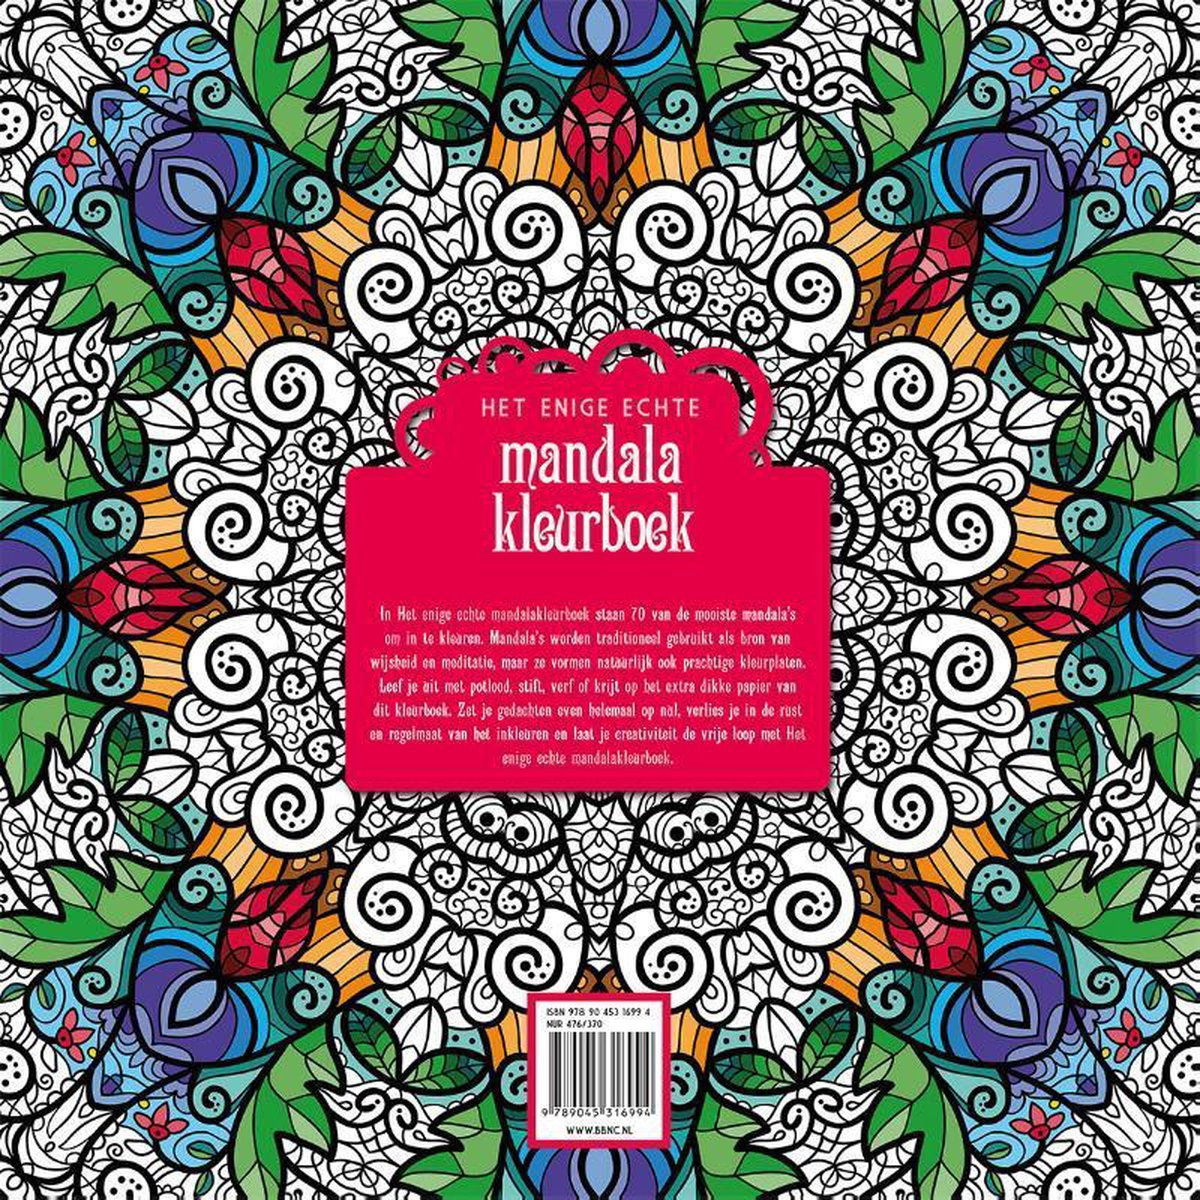 Verwonderend bol.com | Het enige echt mandala kleurboek, Diverse auteurs LO-66